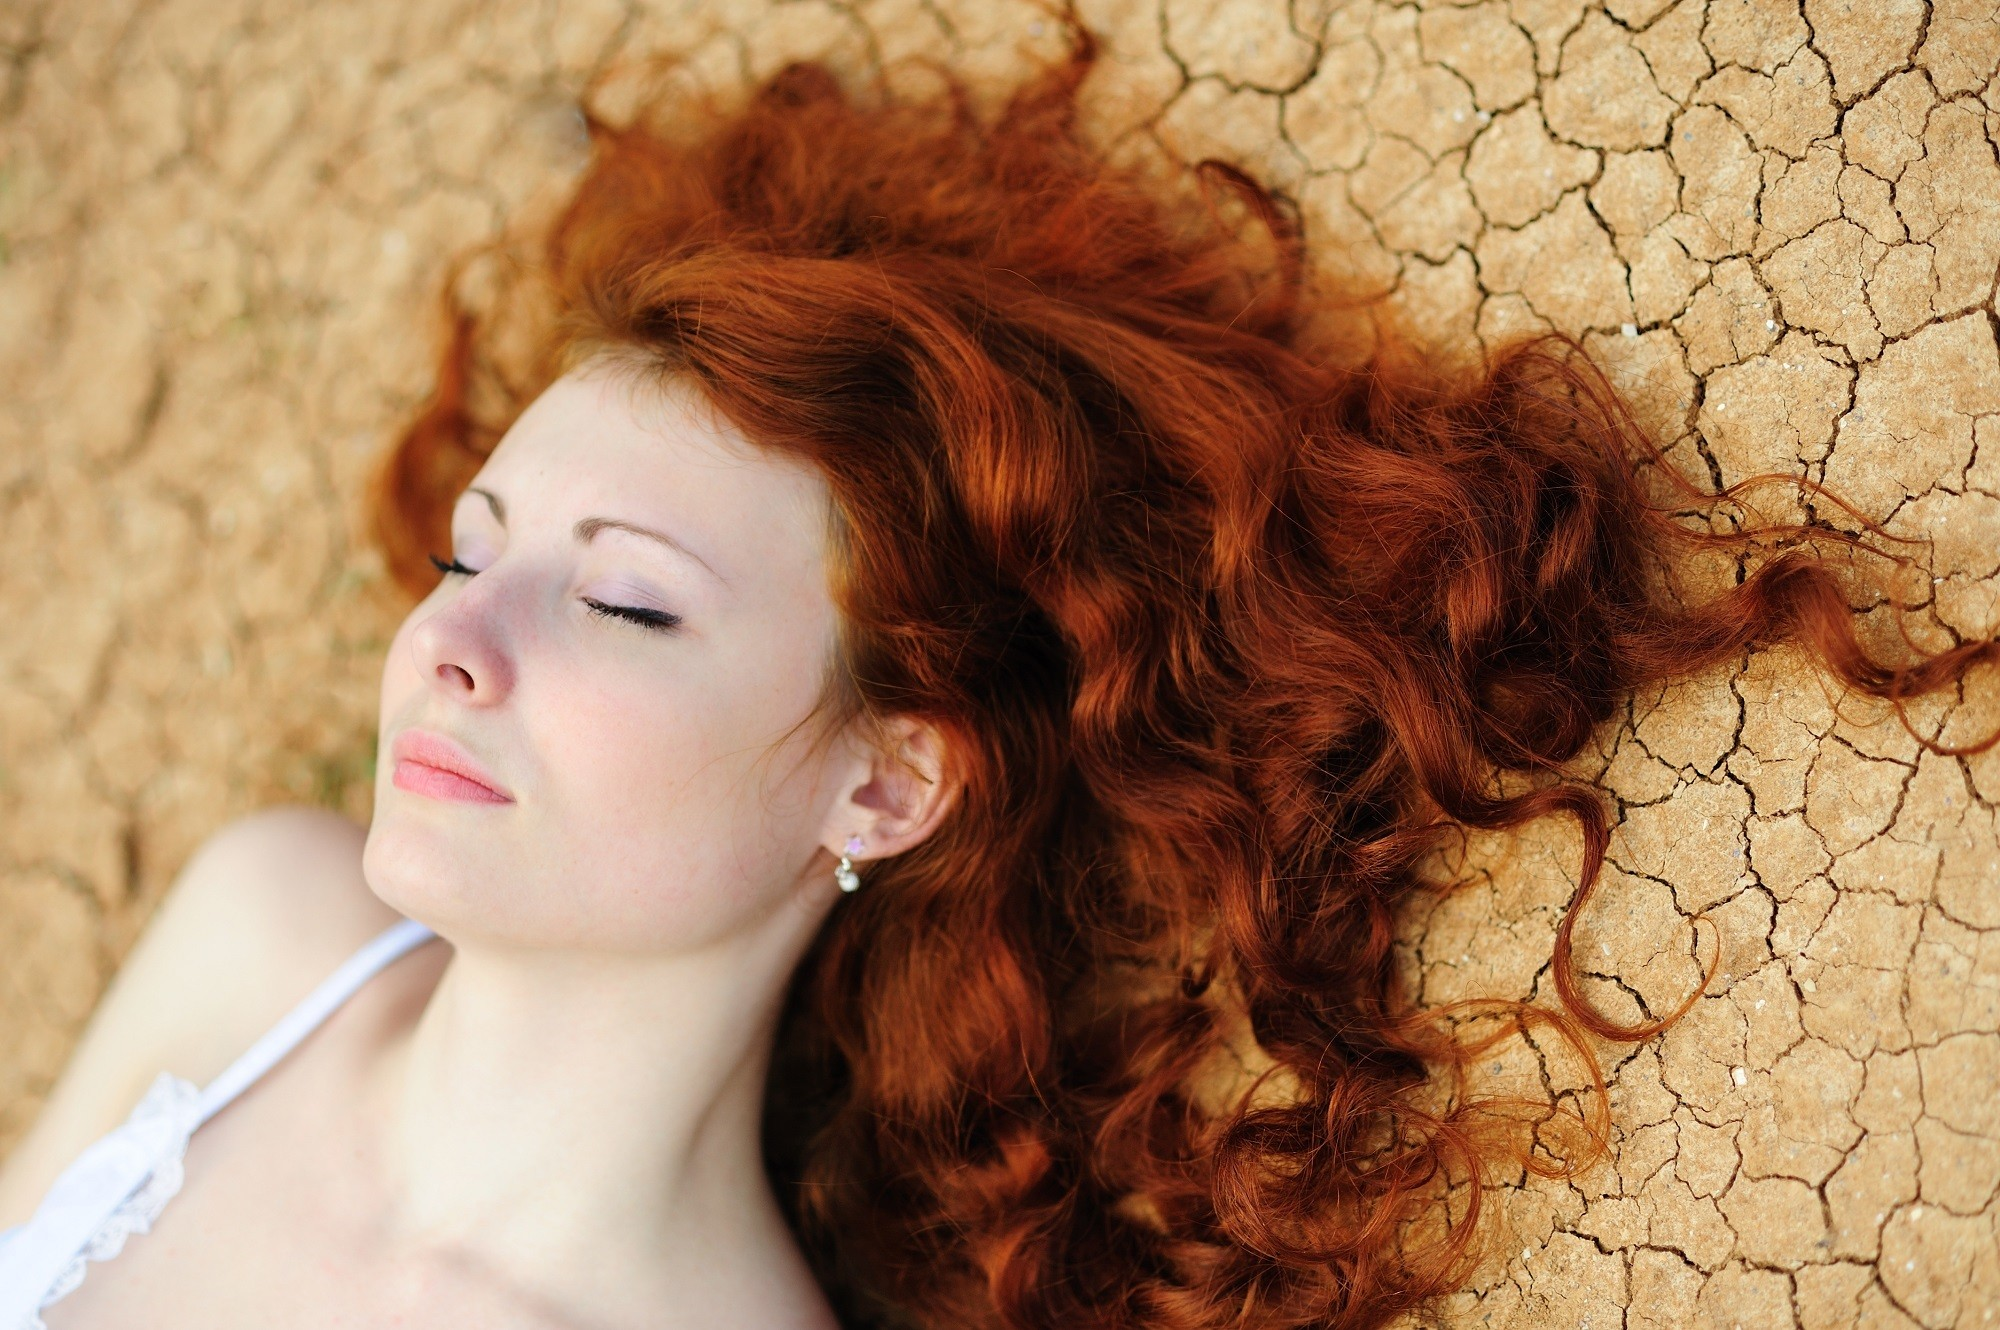 Mermaid hair ideas 1: Red hair